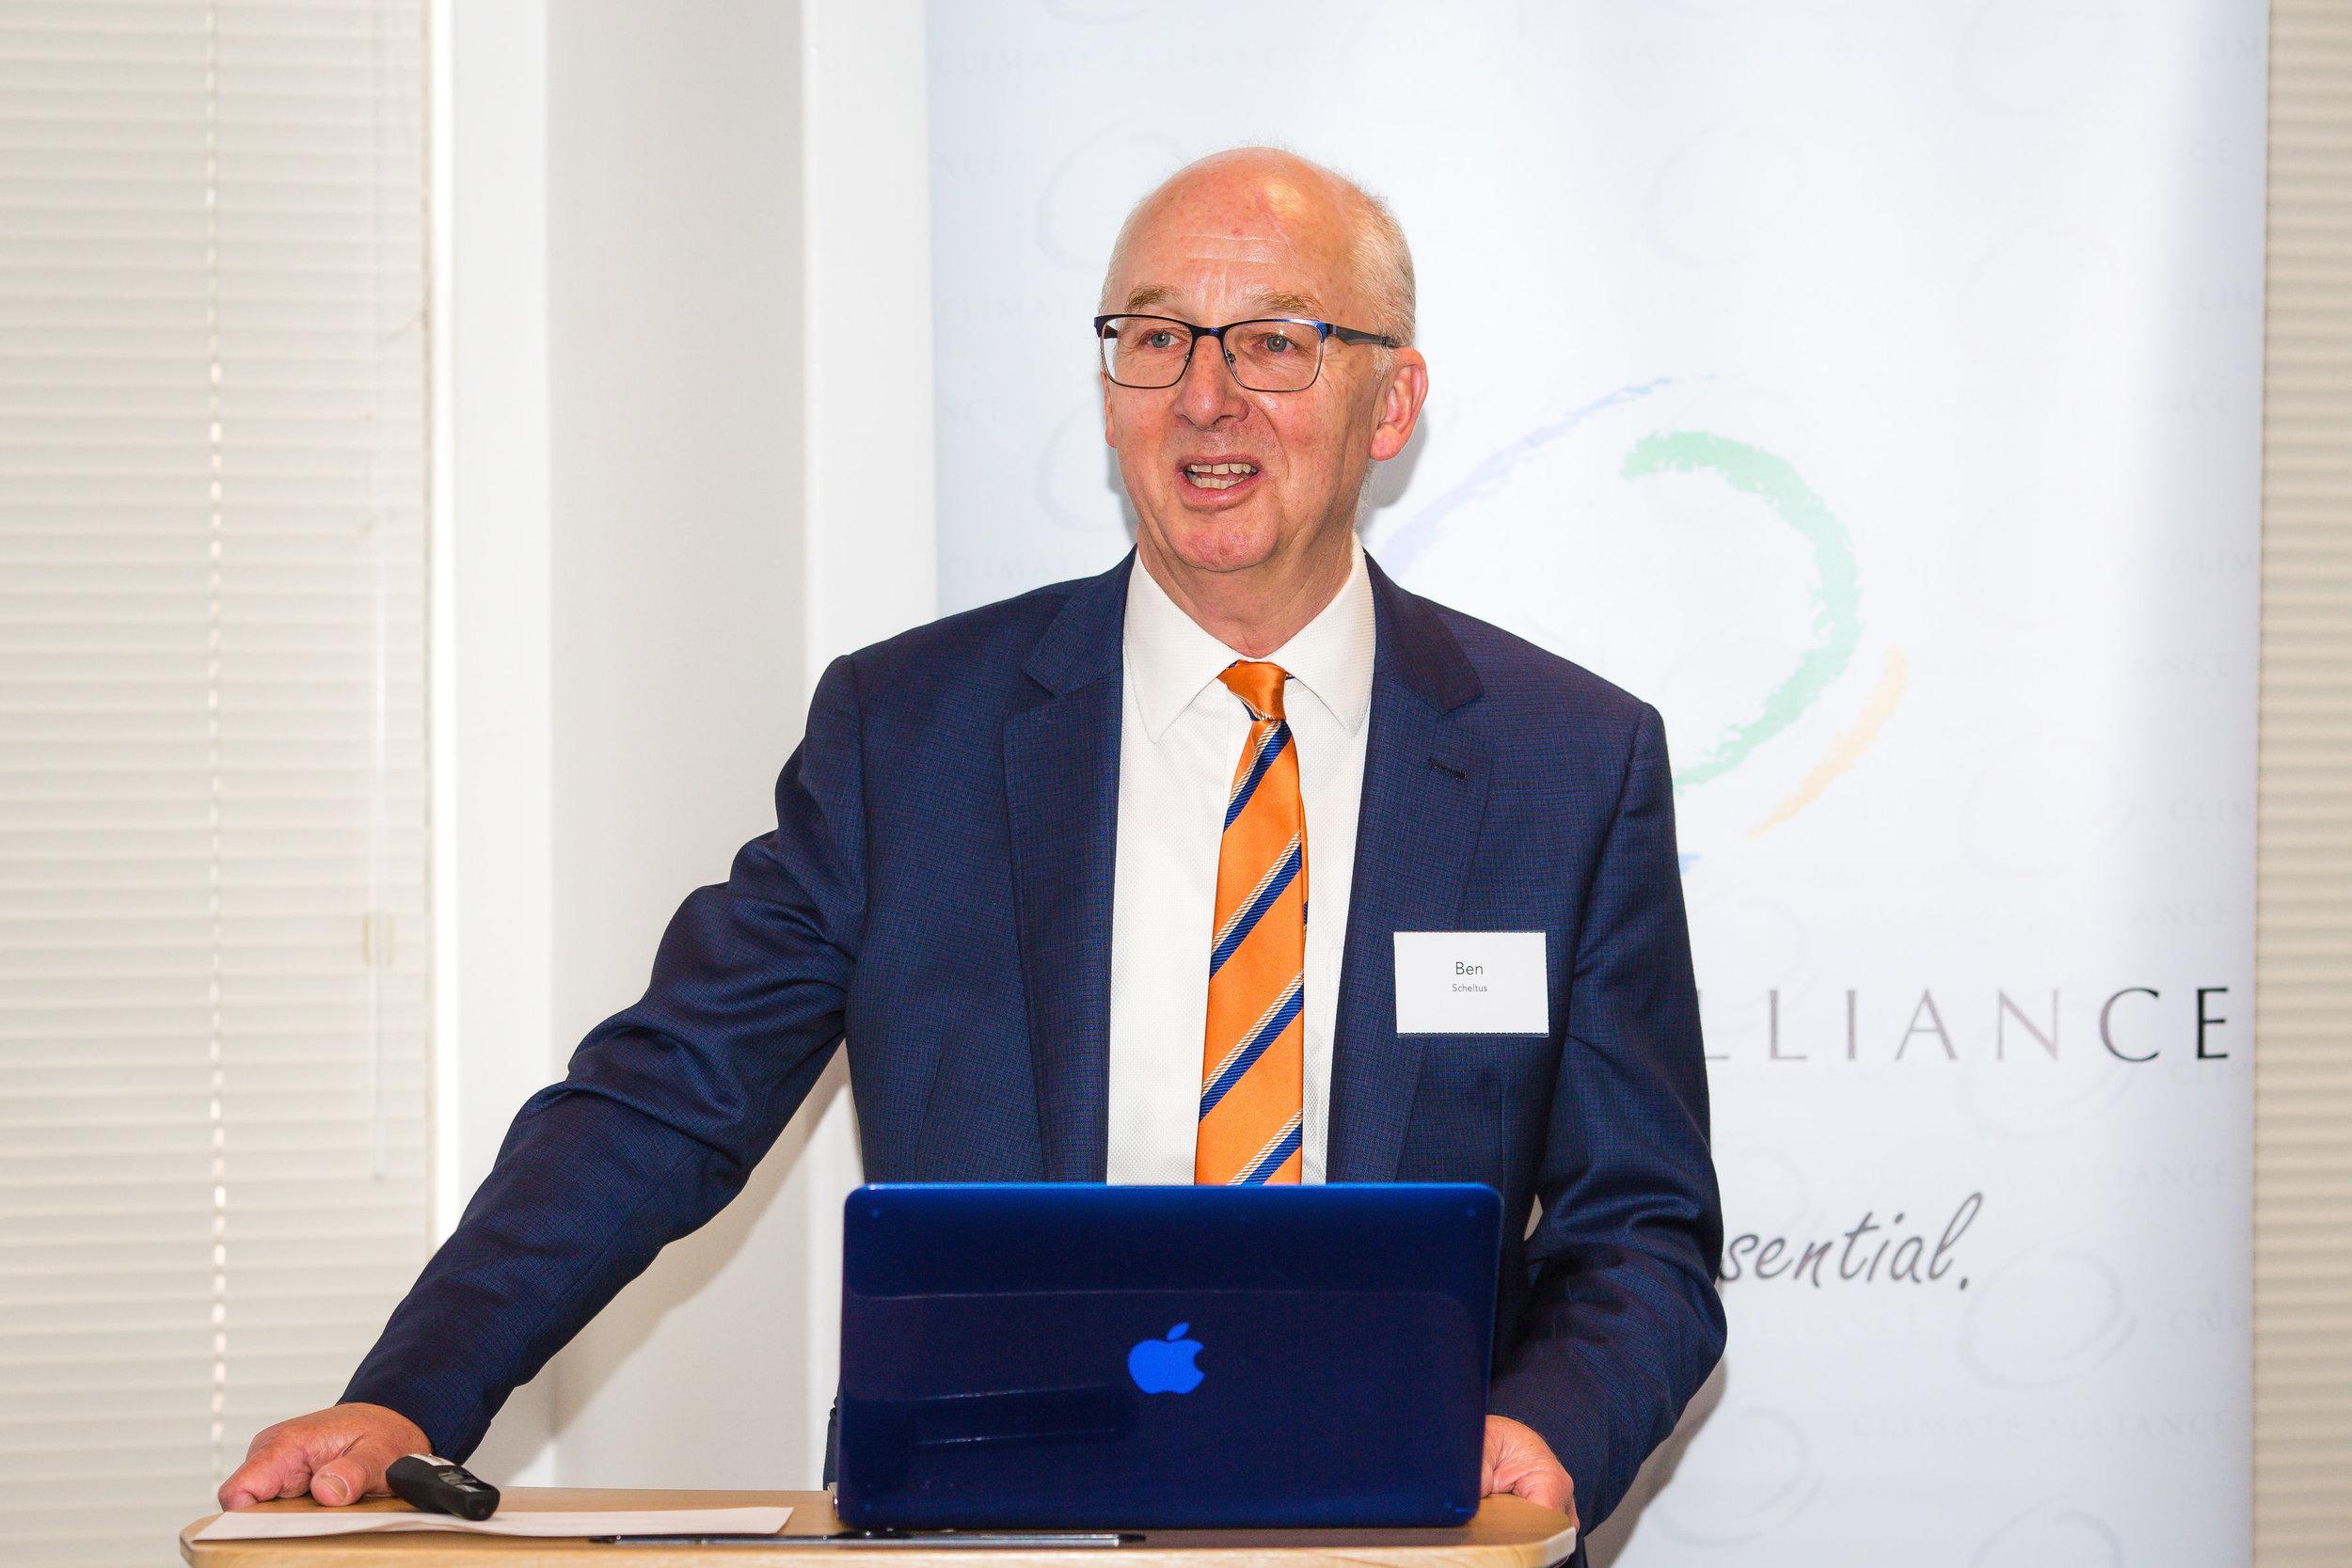 Ben Scheltus, CEO Climate Alliance